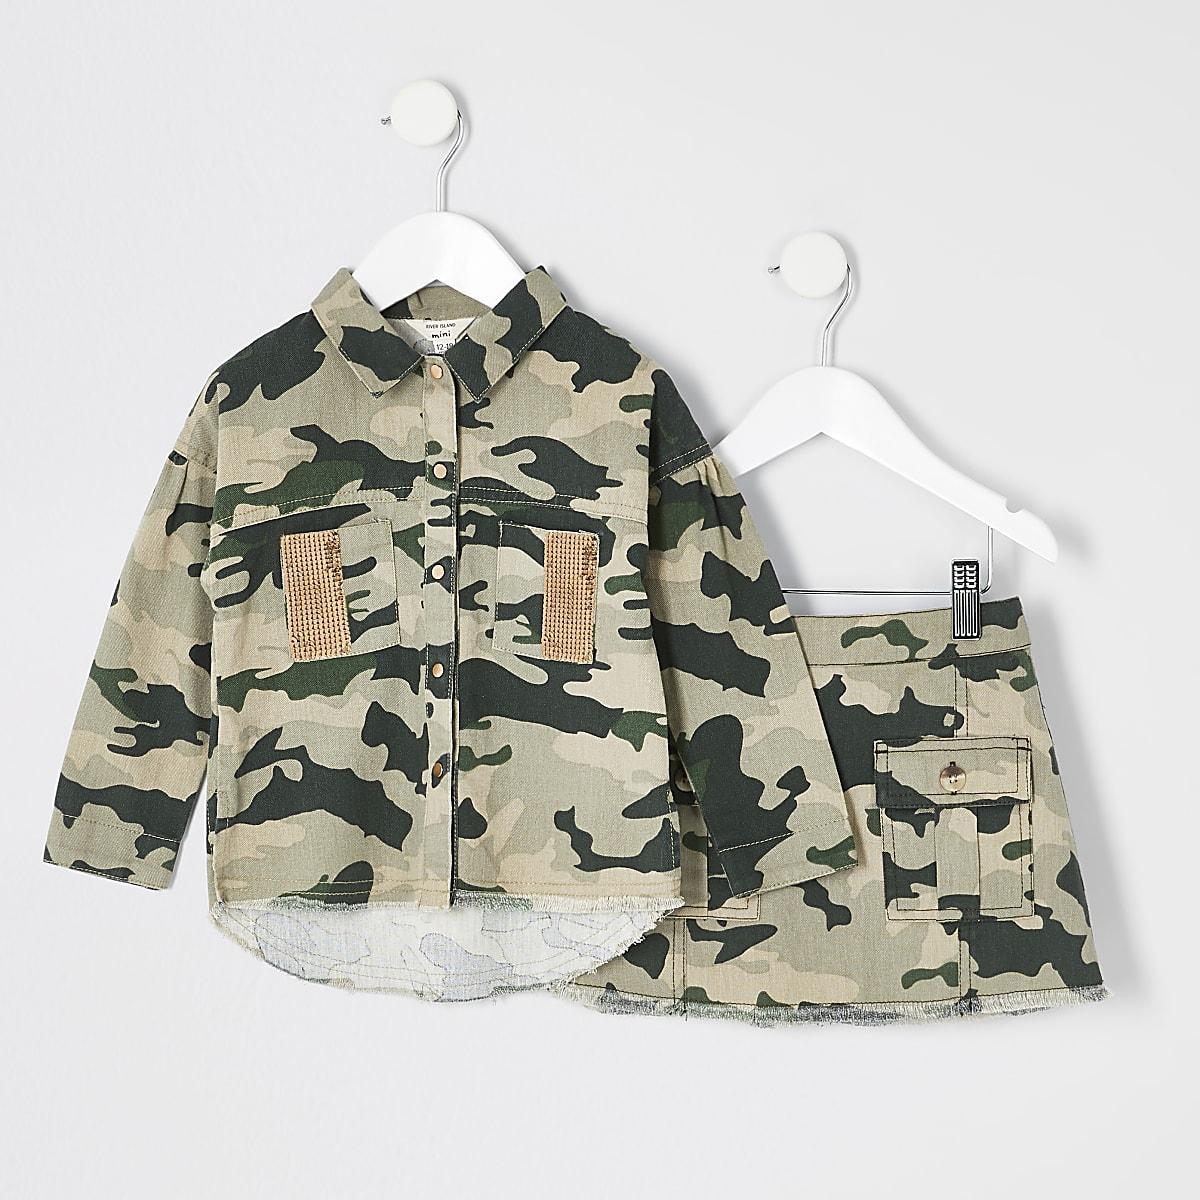 Mini - Outfit met shacket en rok met camouflageprint voor meisjes